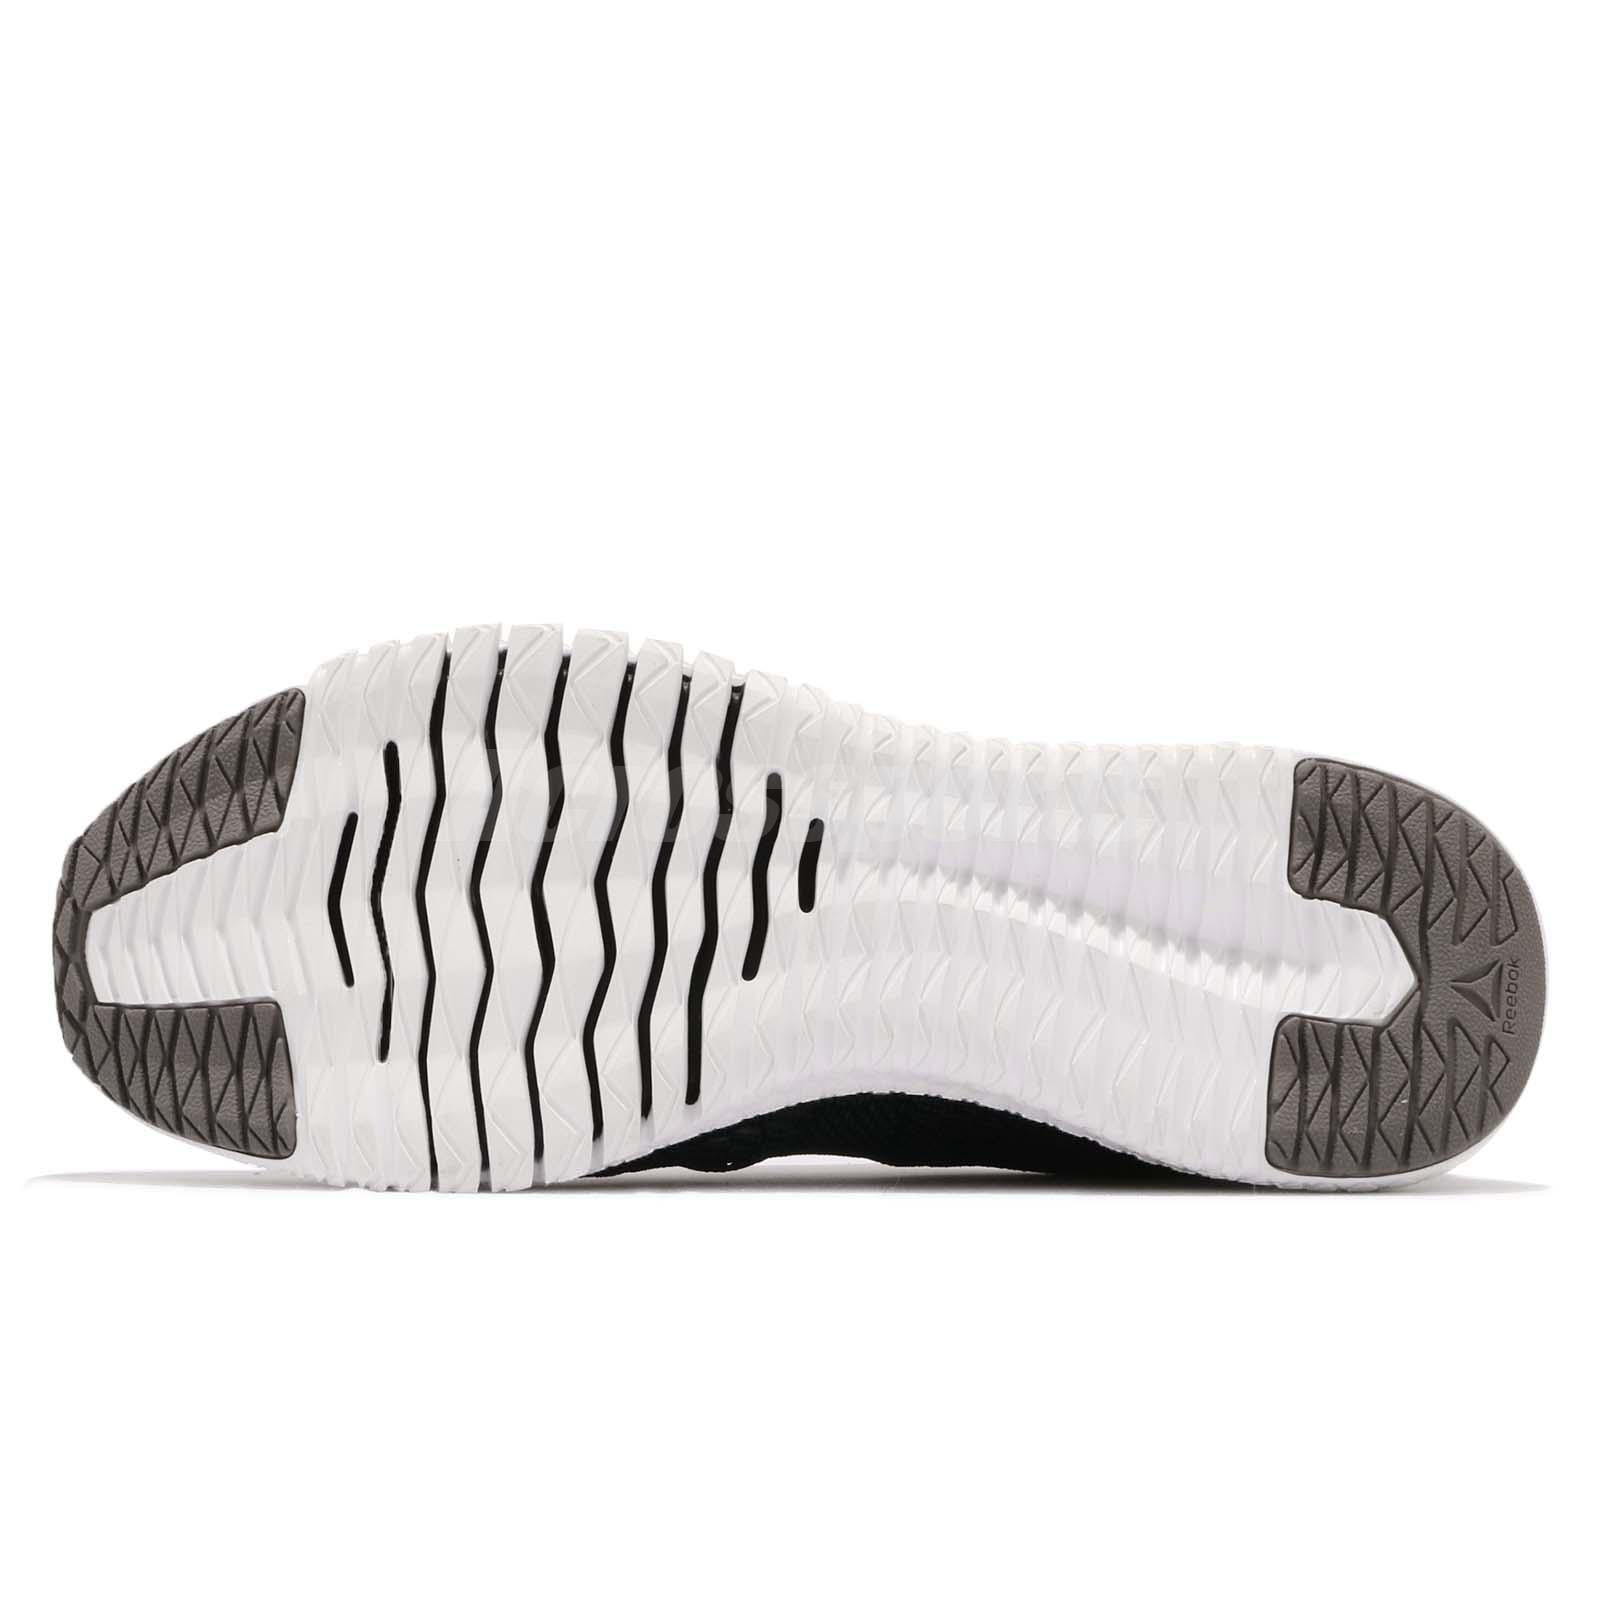 7e5aeb3a4837b4 Reebok Flexagon Black White Grey Men Cross Training Gym Shoes ...